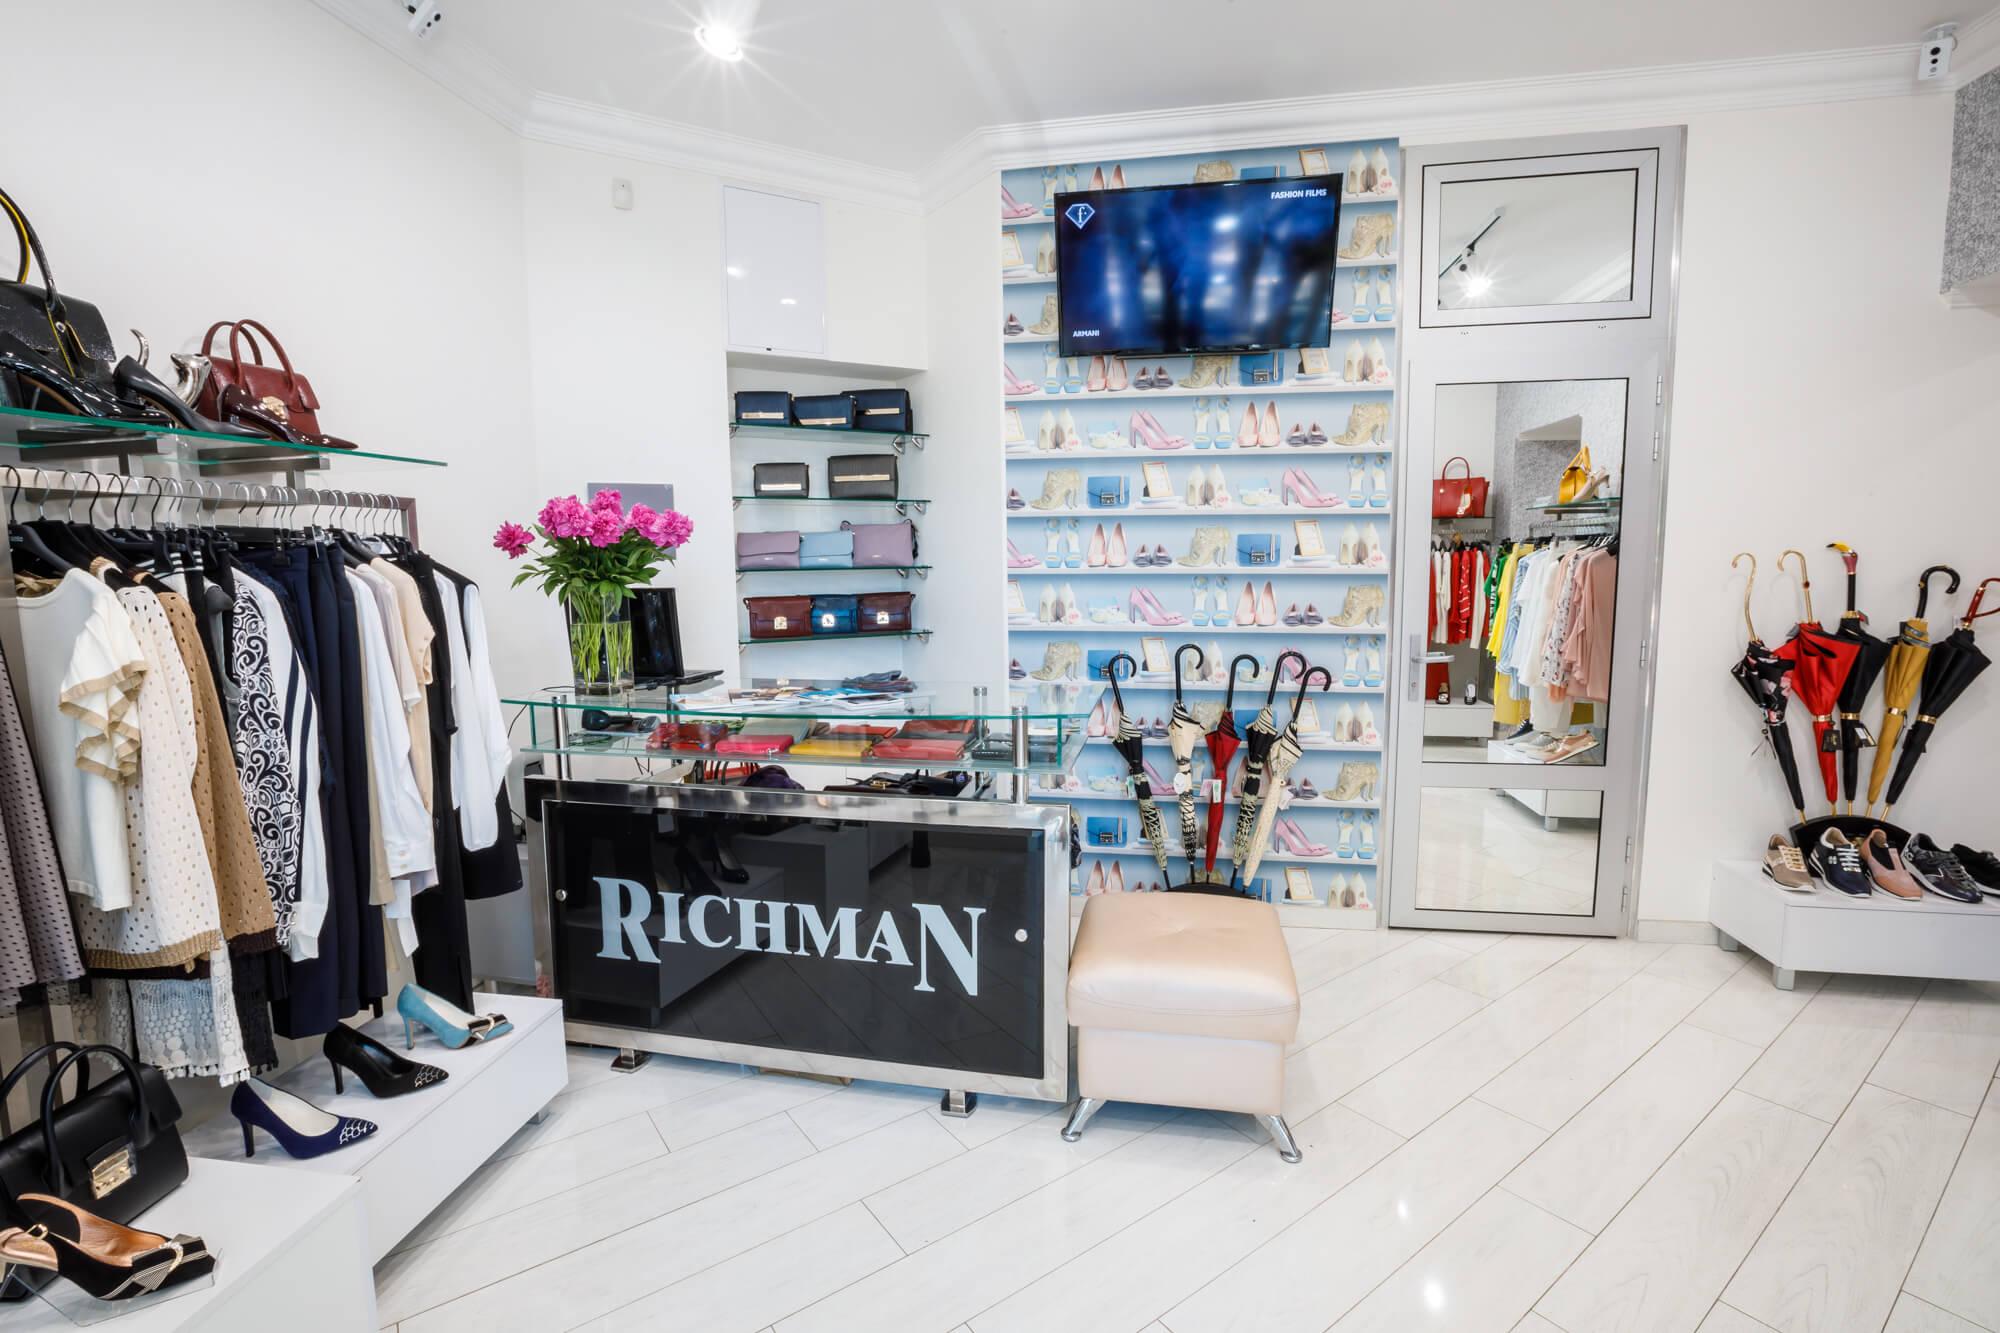 Про нас - Richman 423571d7898a8